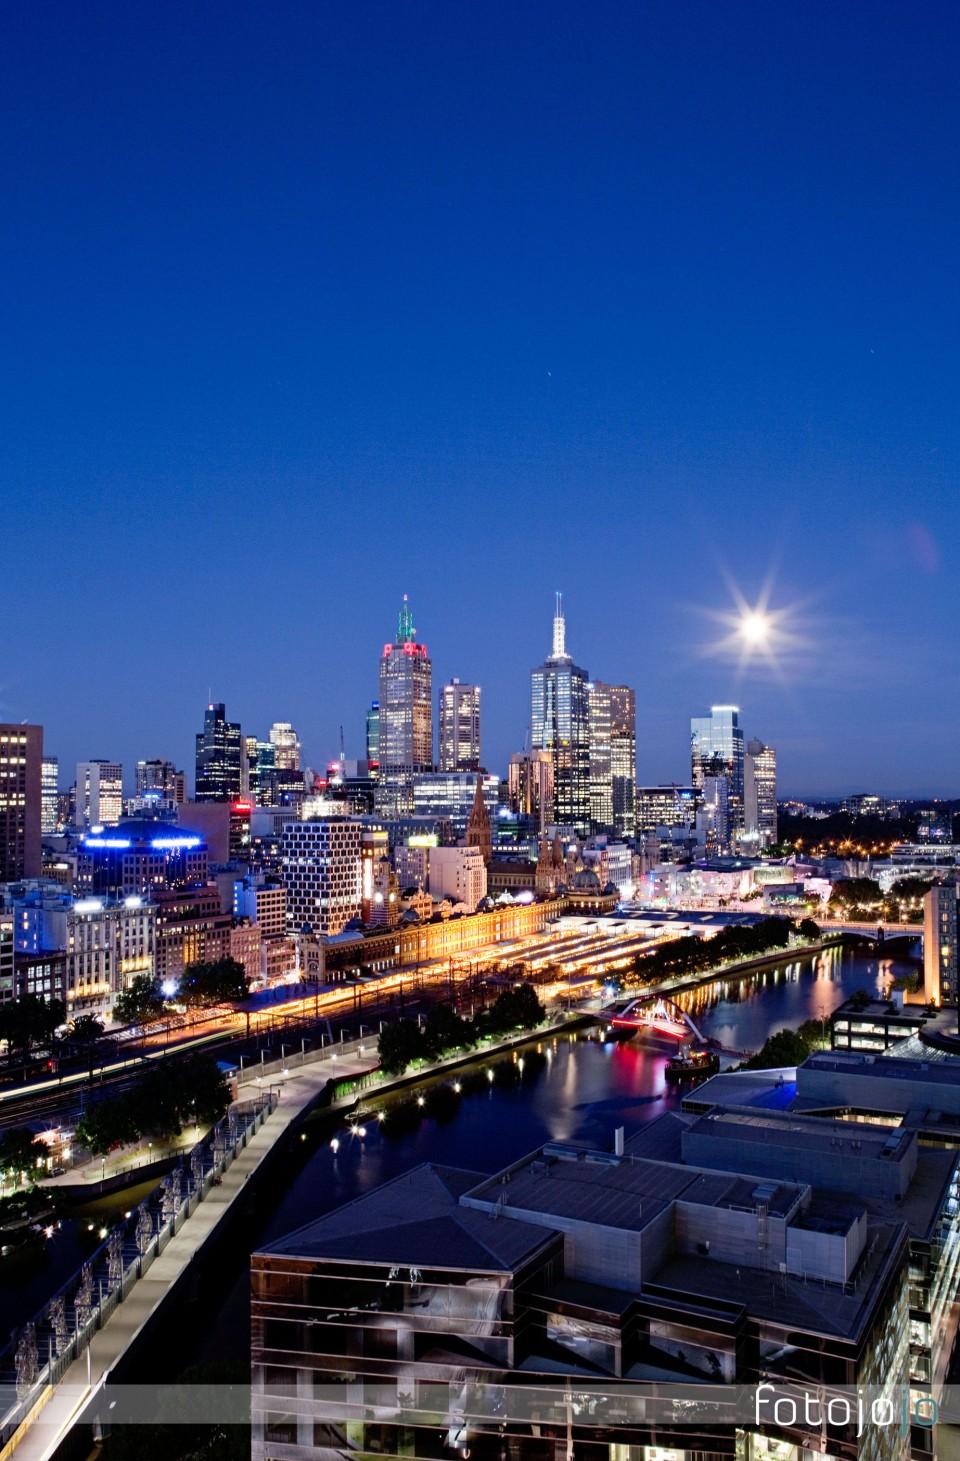 Melbourne landscape photos, Victoria